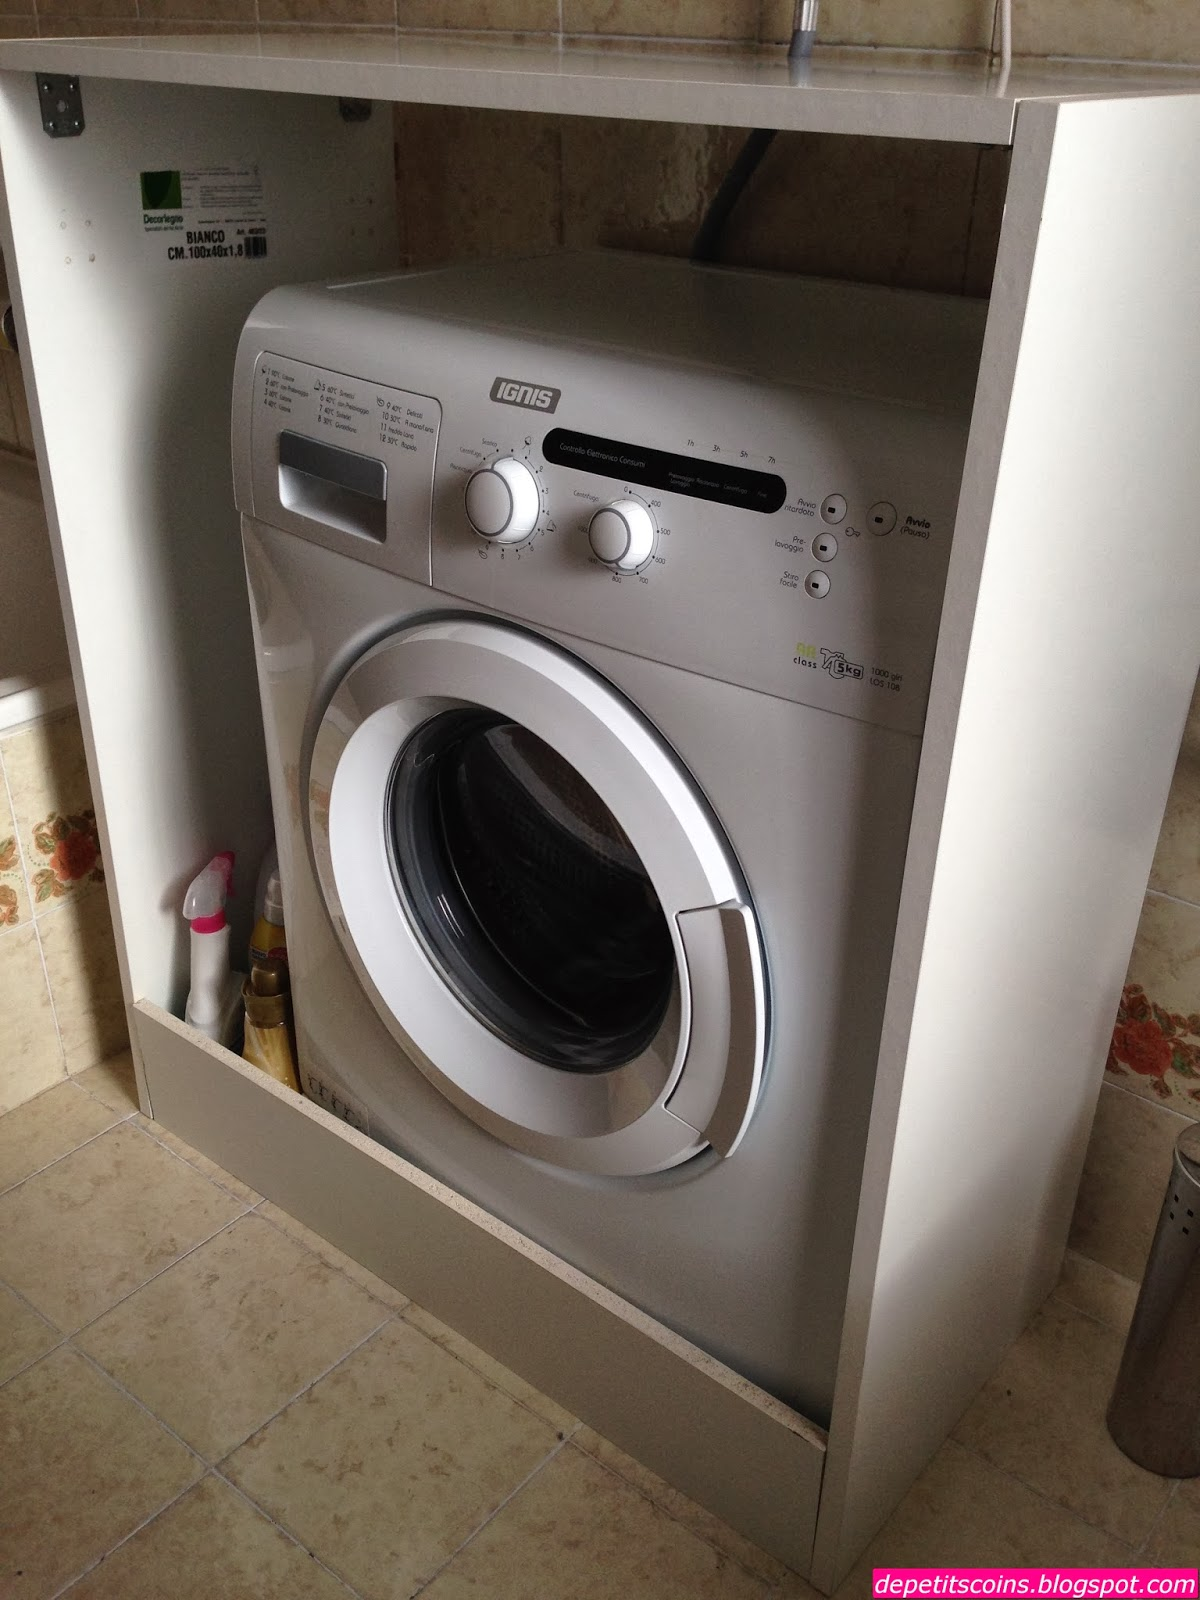 De petits coins mobile copri lavatrice - Come invecchiare un mobile ...